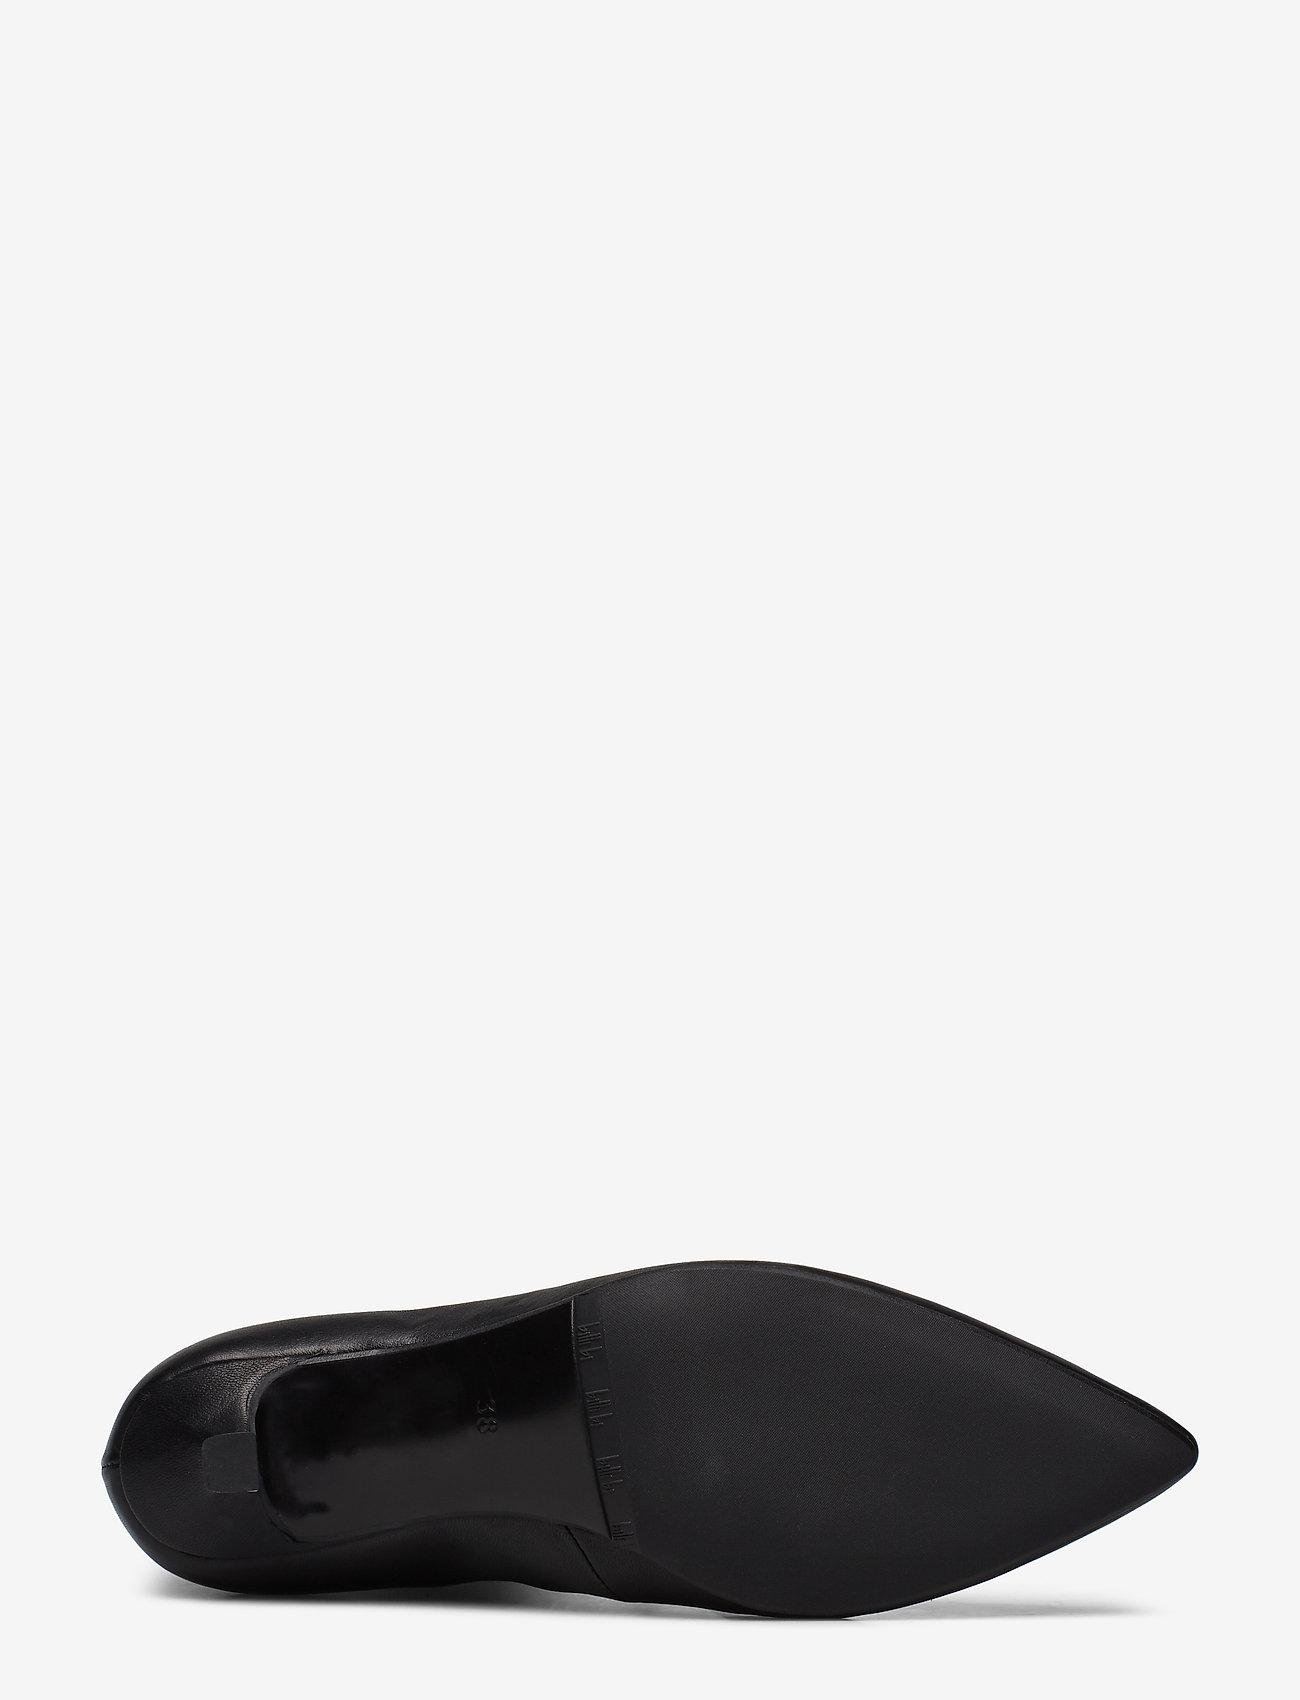 Booties 3342 (Black Nappa/silver 703) - Billi Bi